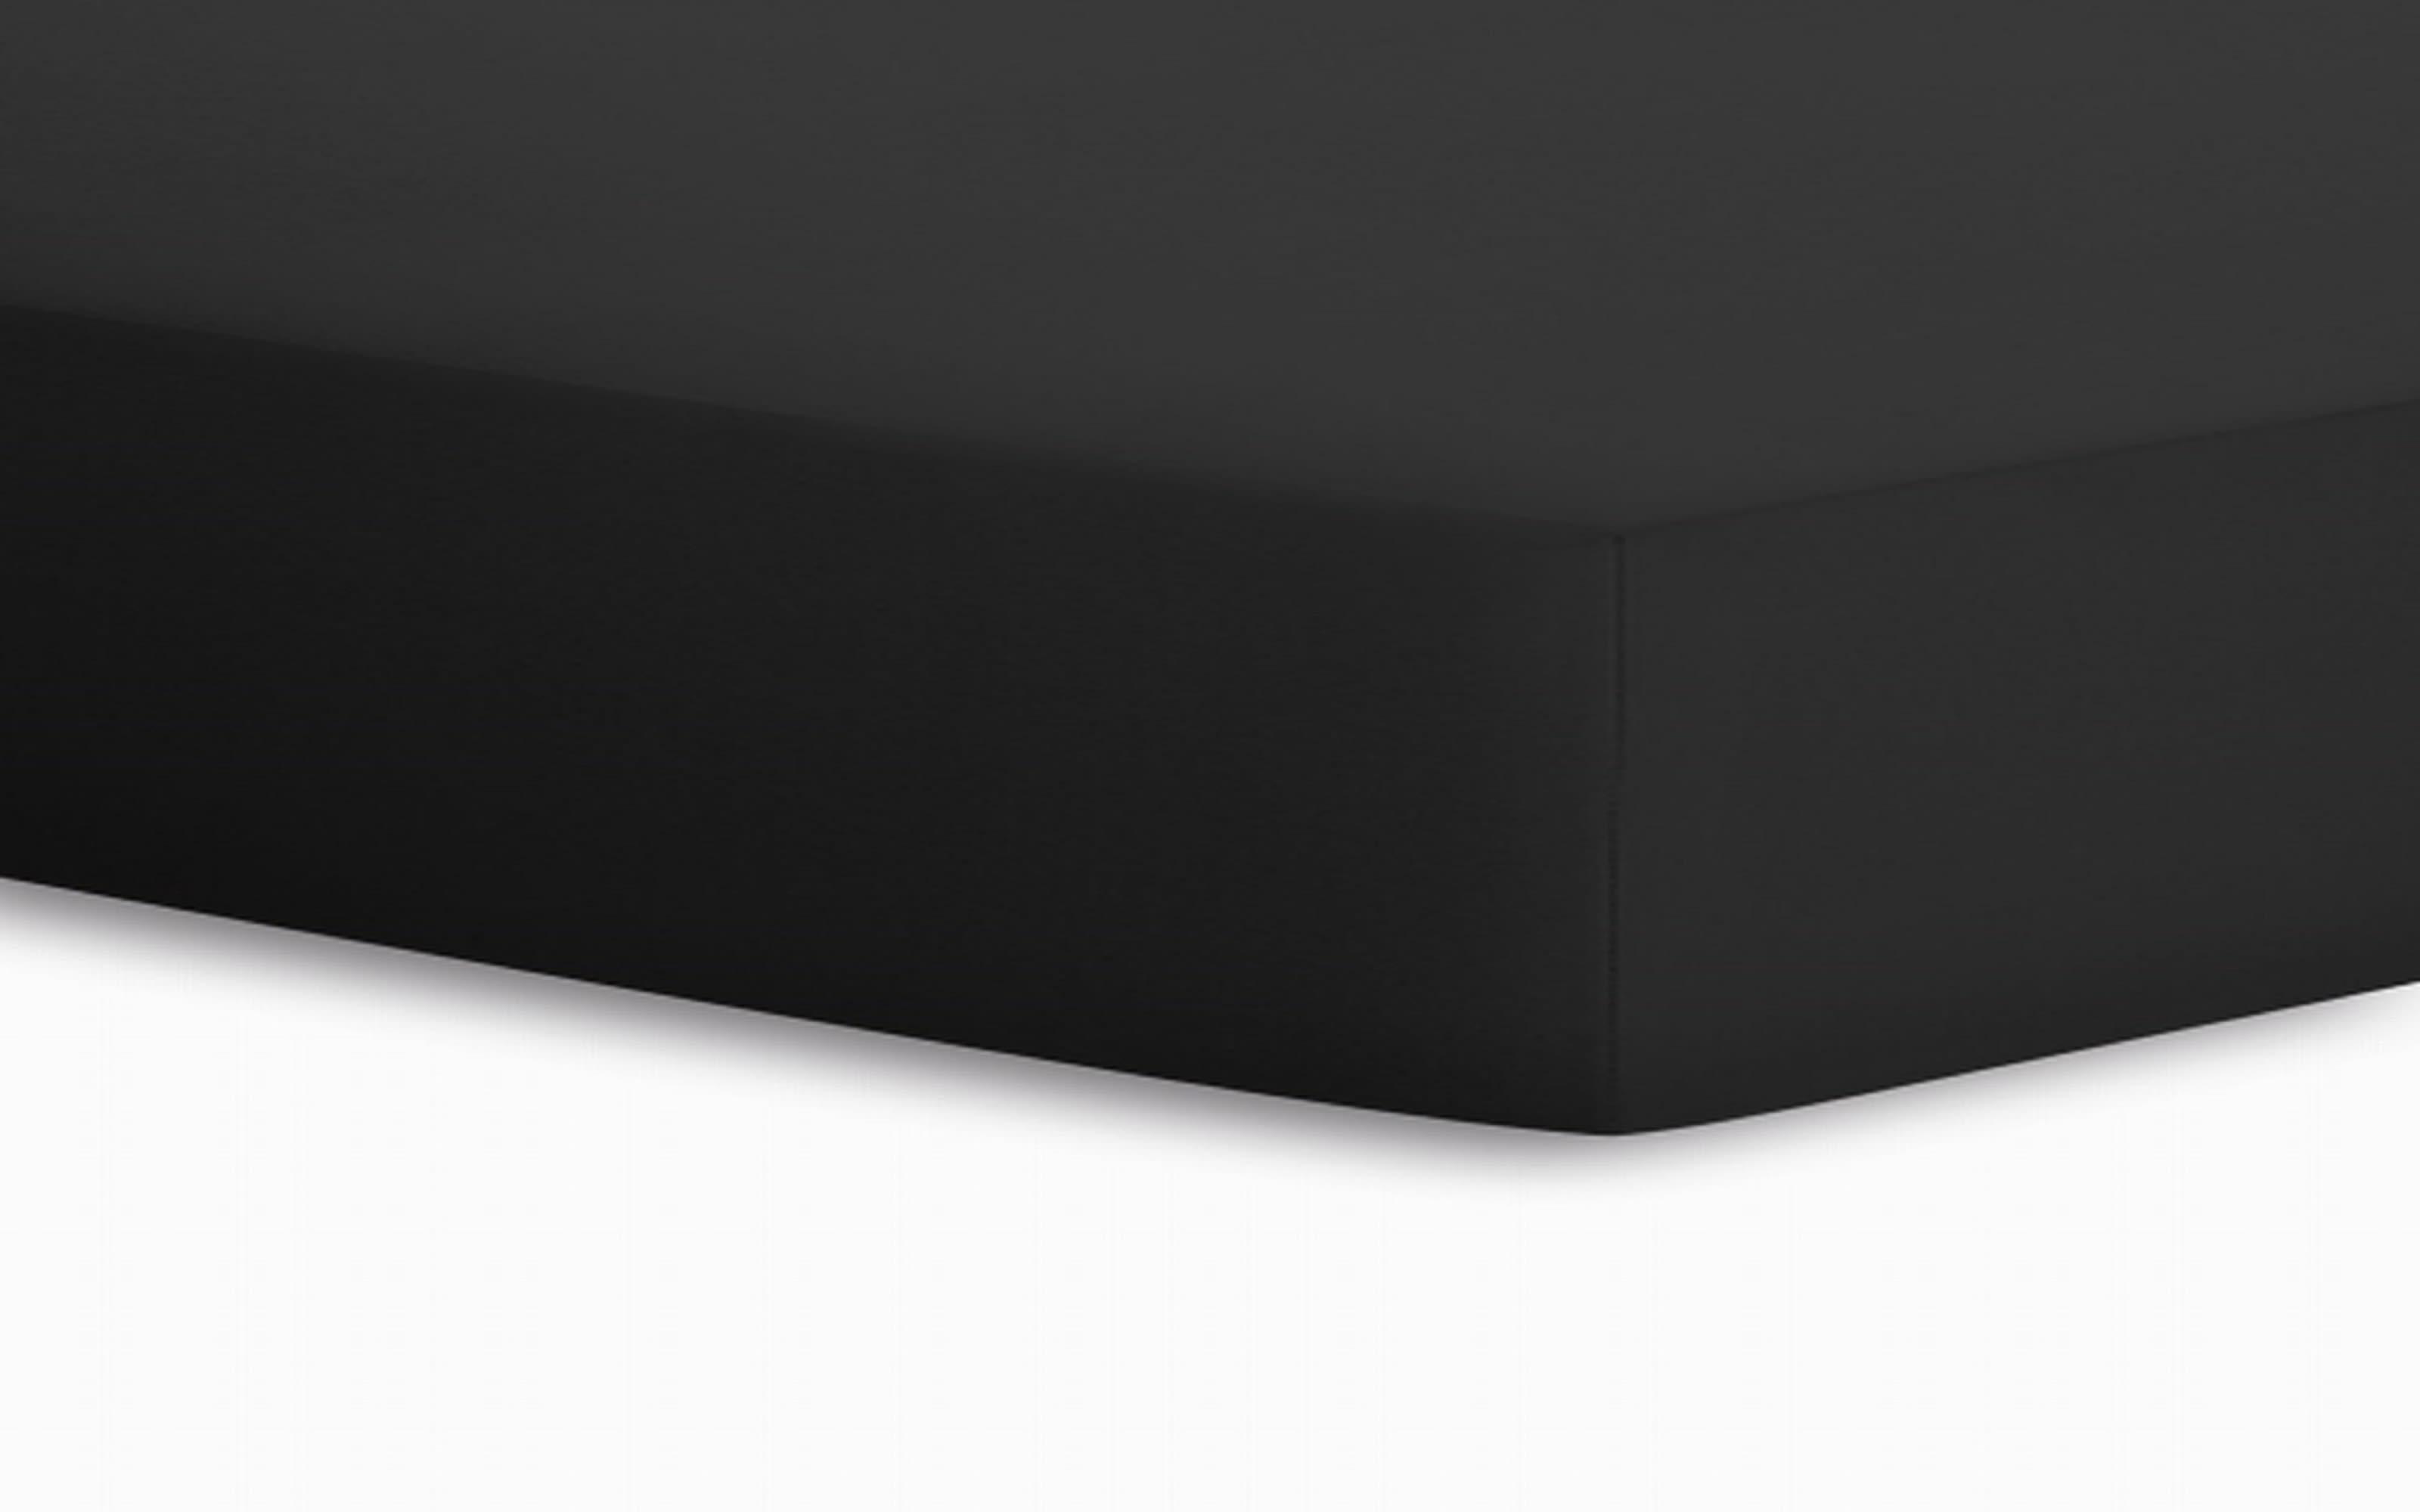 Spannbetttuch Jersey in schwarz, 100 x 200 cm